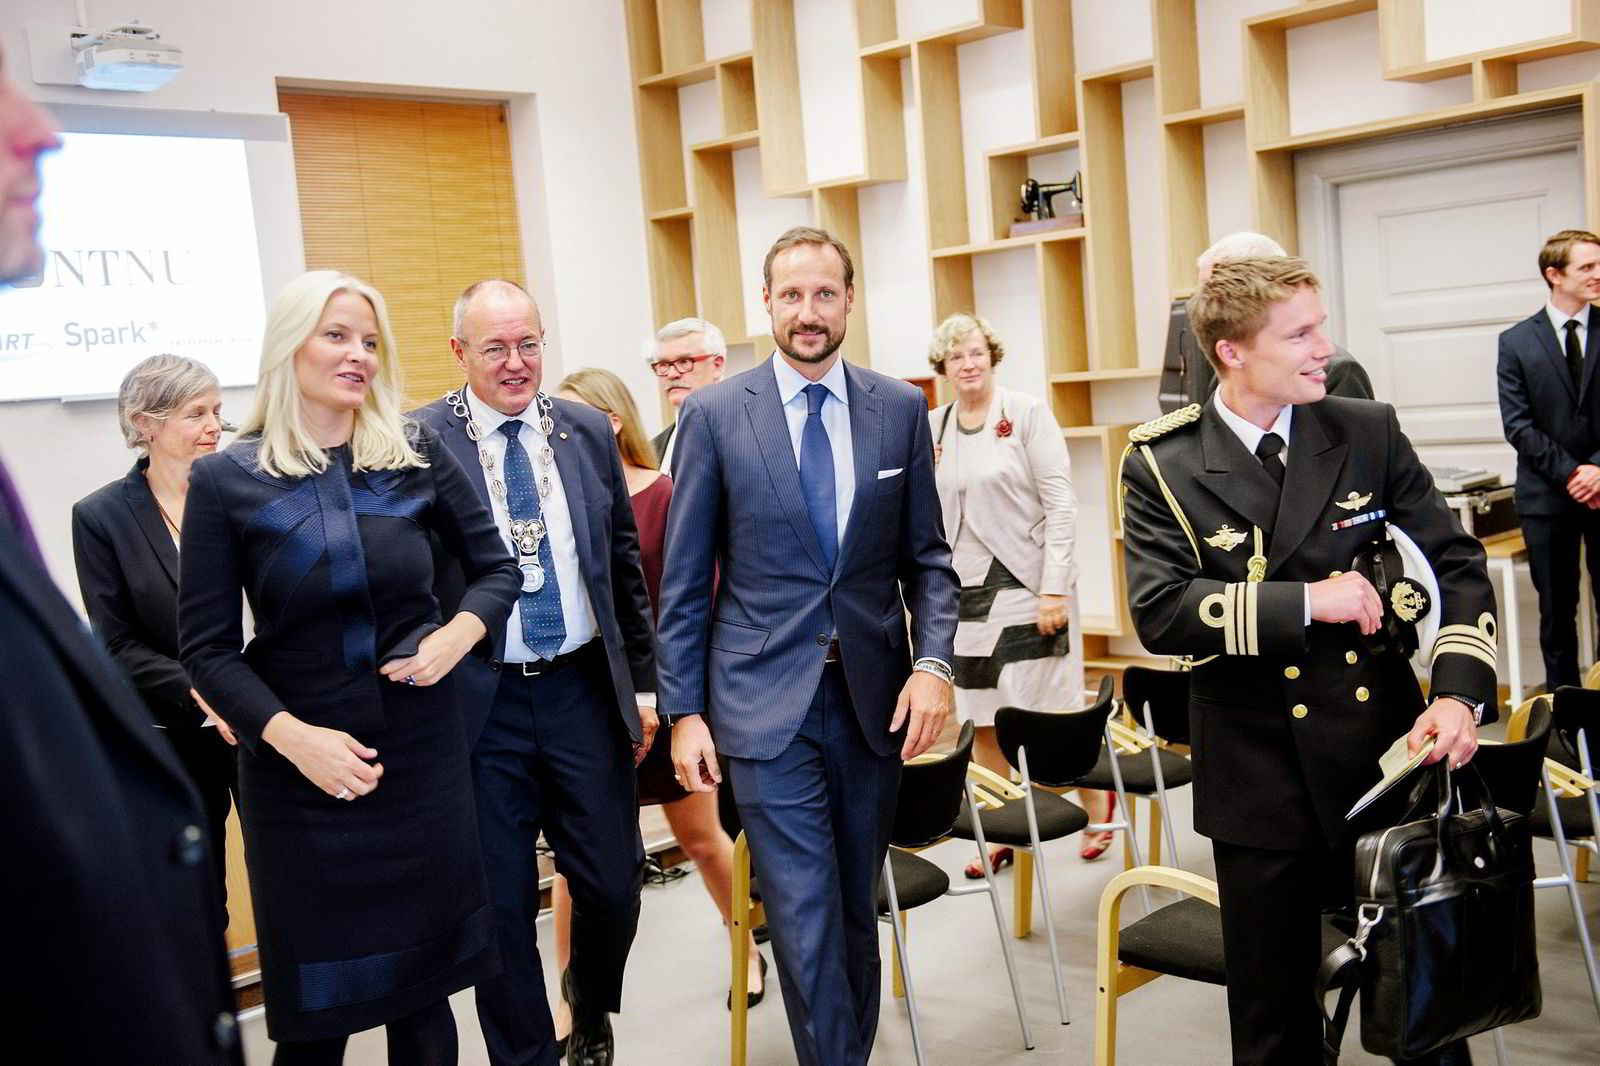 Kronprinsesse Mette-Marit, rektor Gunnar Bovim og kronprins Haakon på NTNUs Entreprenørskole.